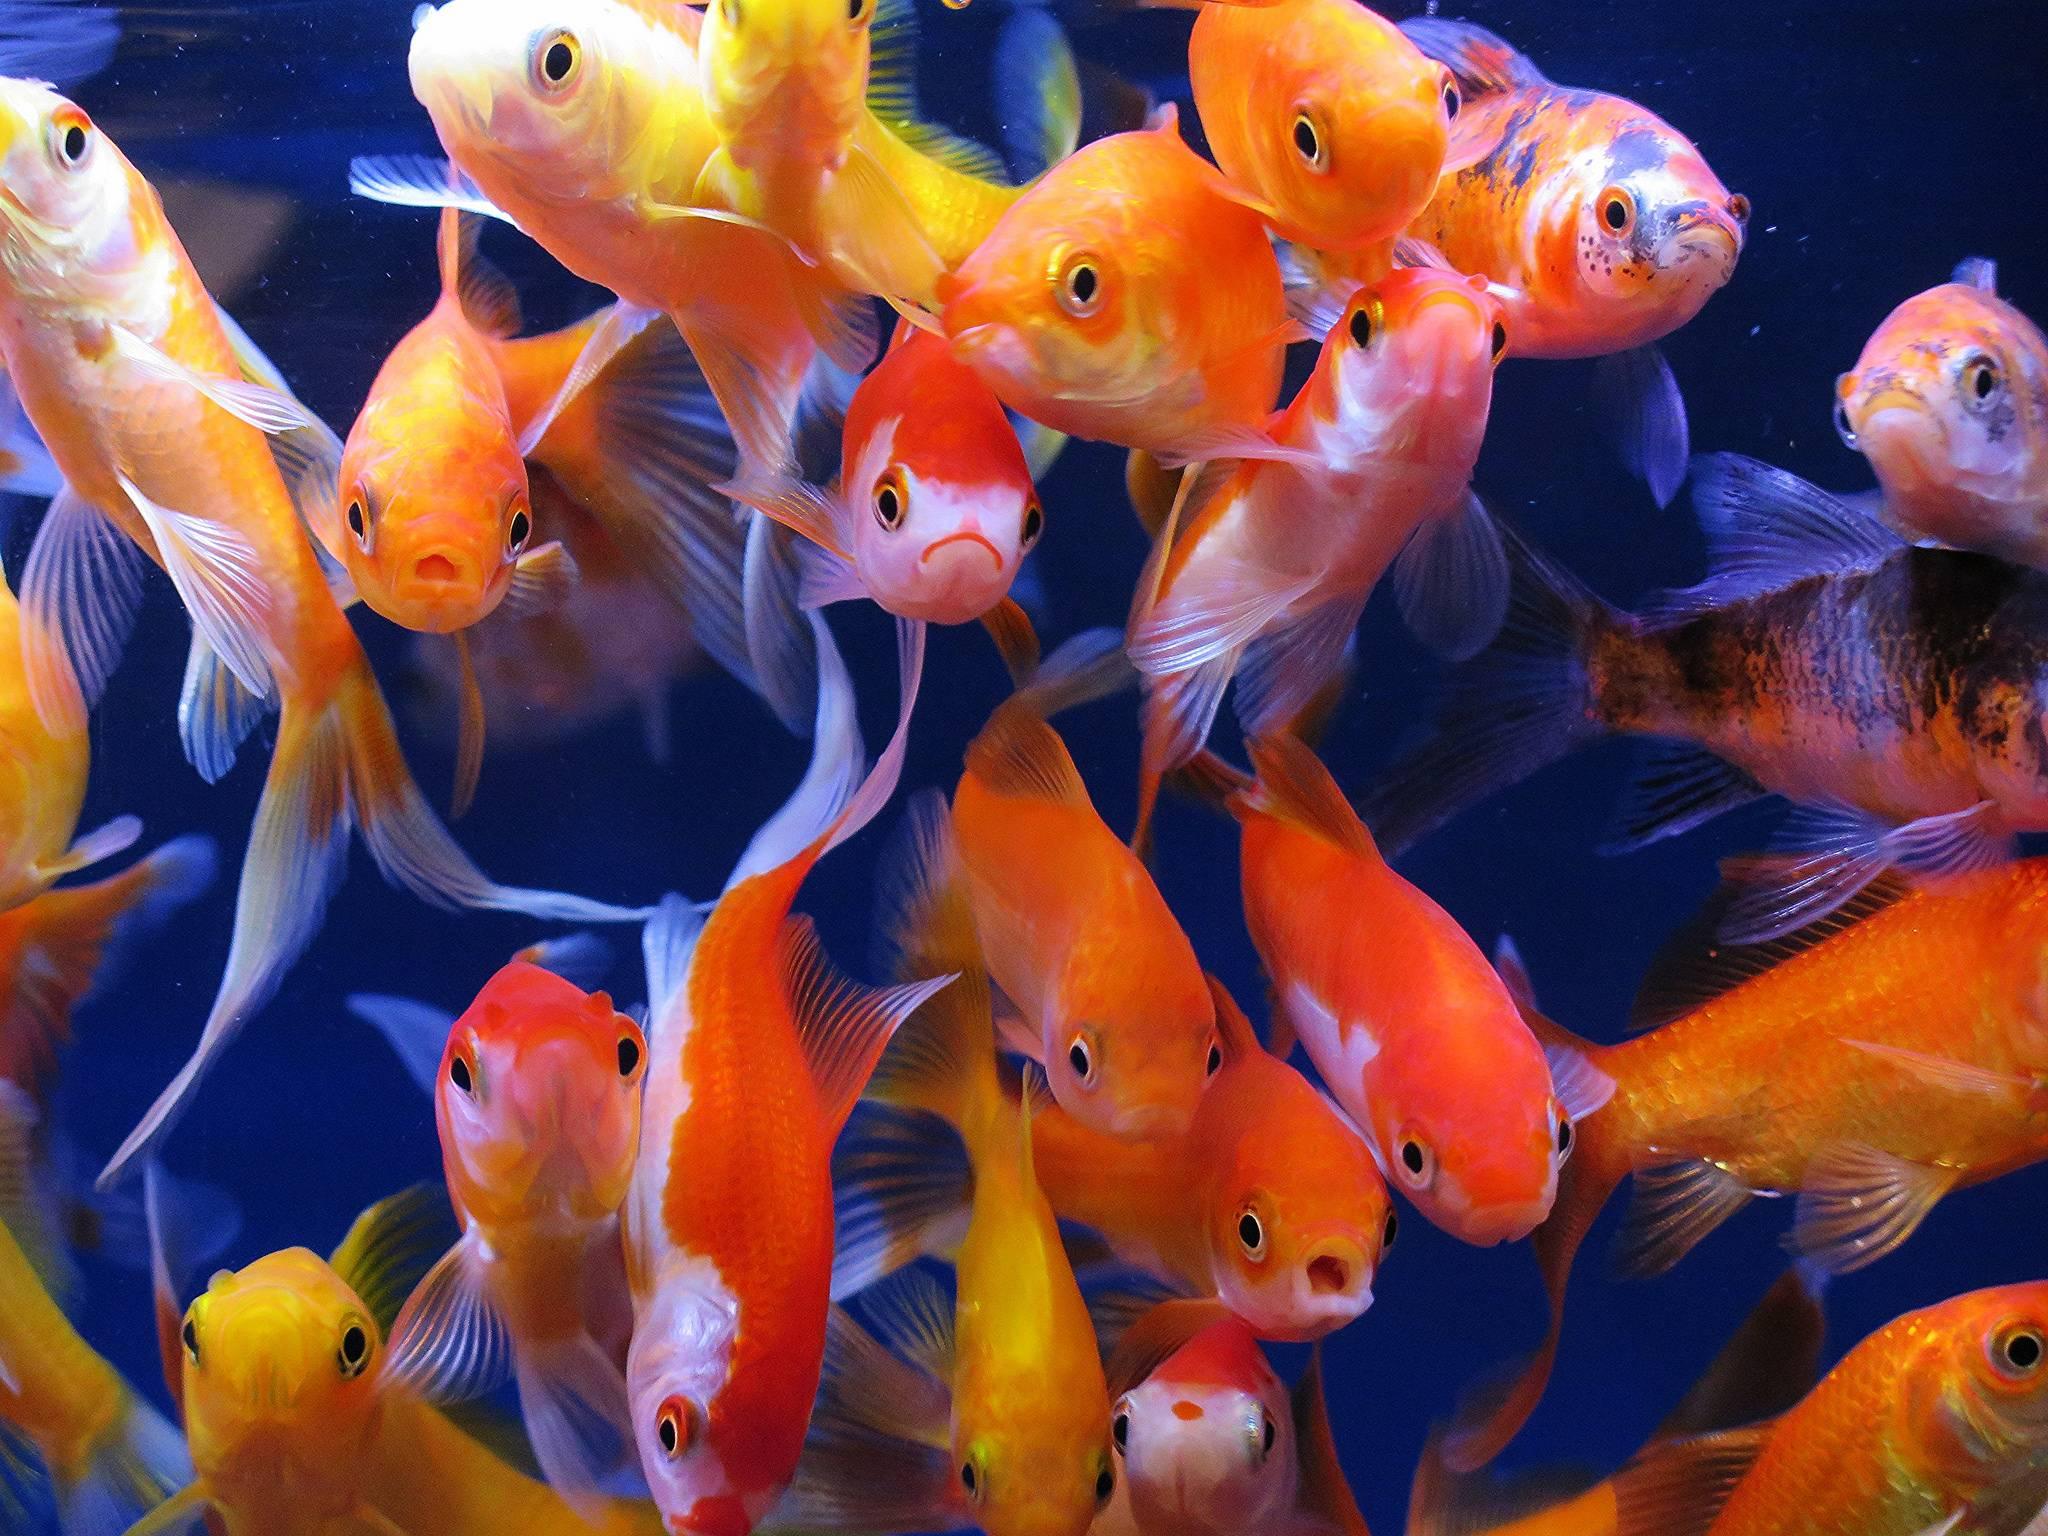 обои аквариумные рыбки, аквариум, золотые рыбки картинки фото